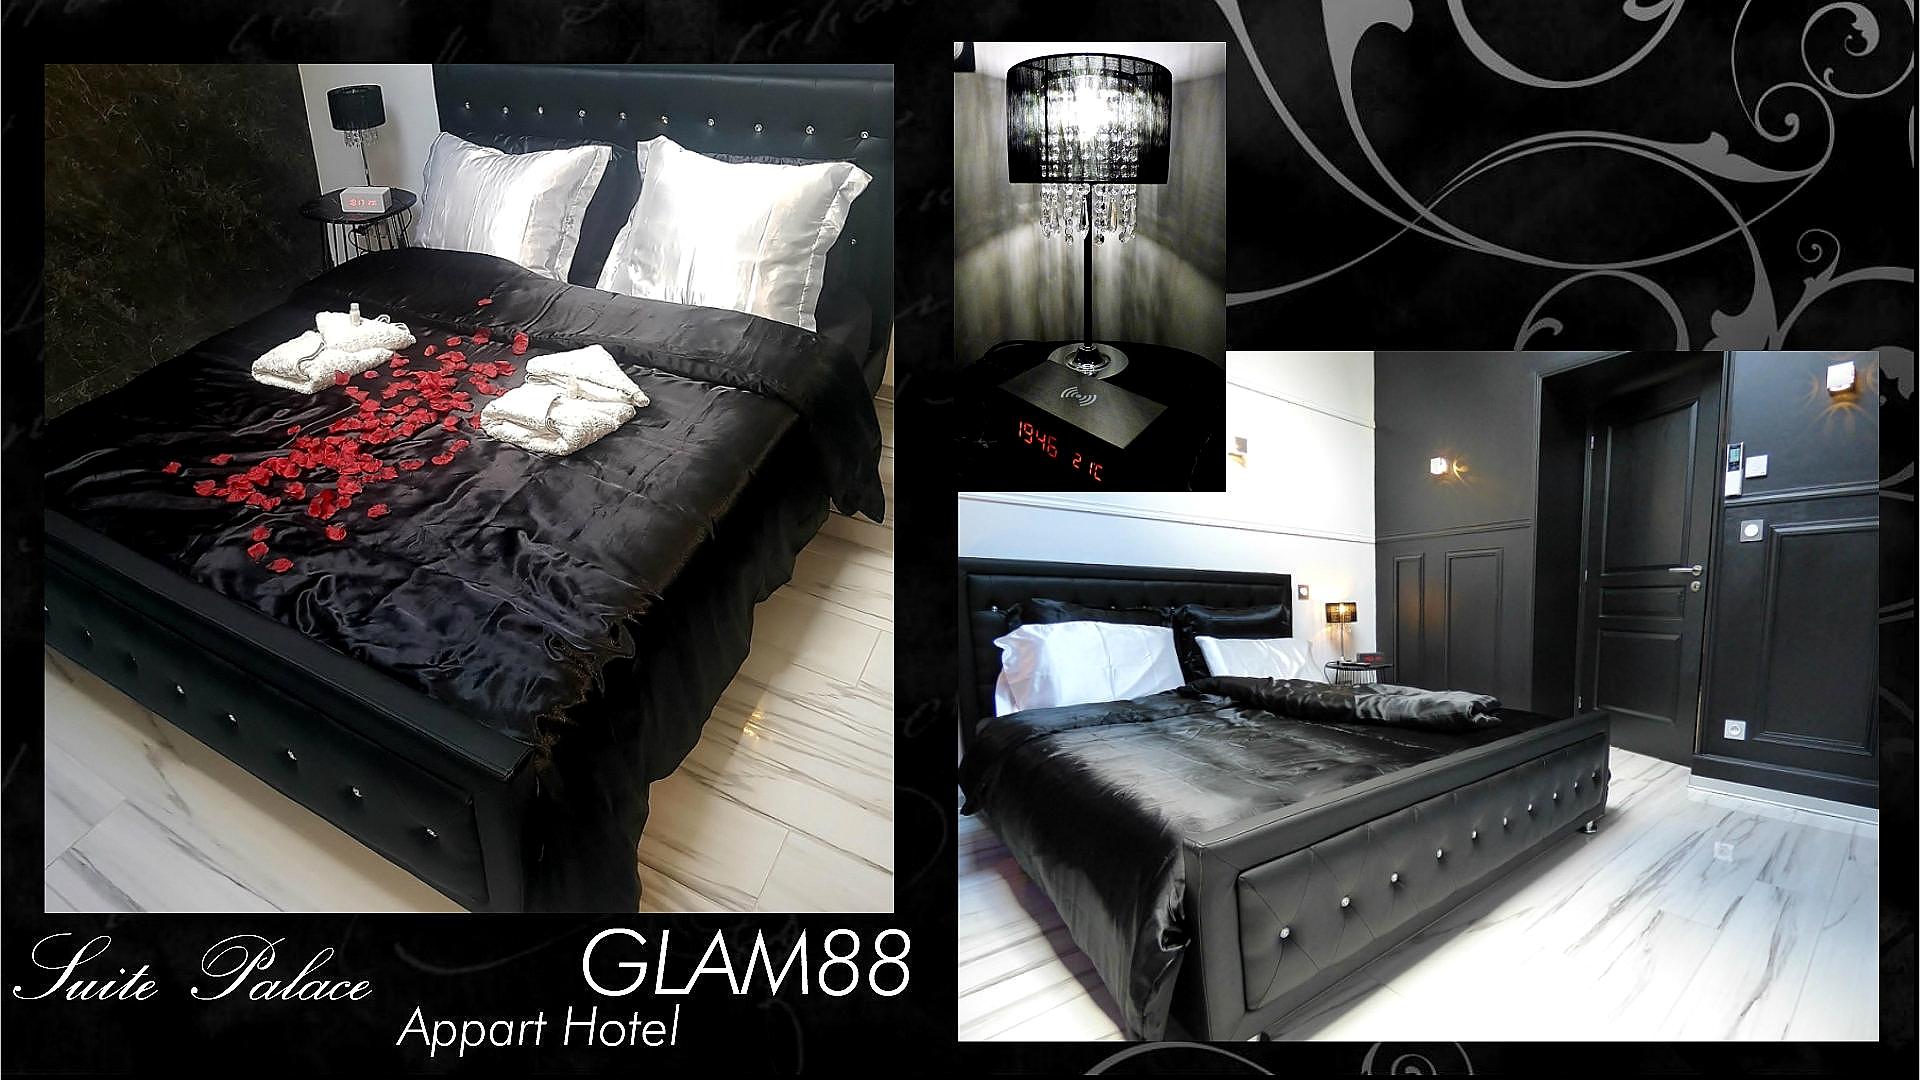 Week-end en couple dans un logis de charme glam88 - Vosges